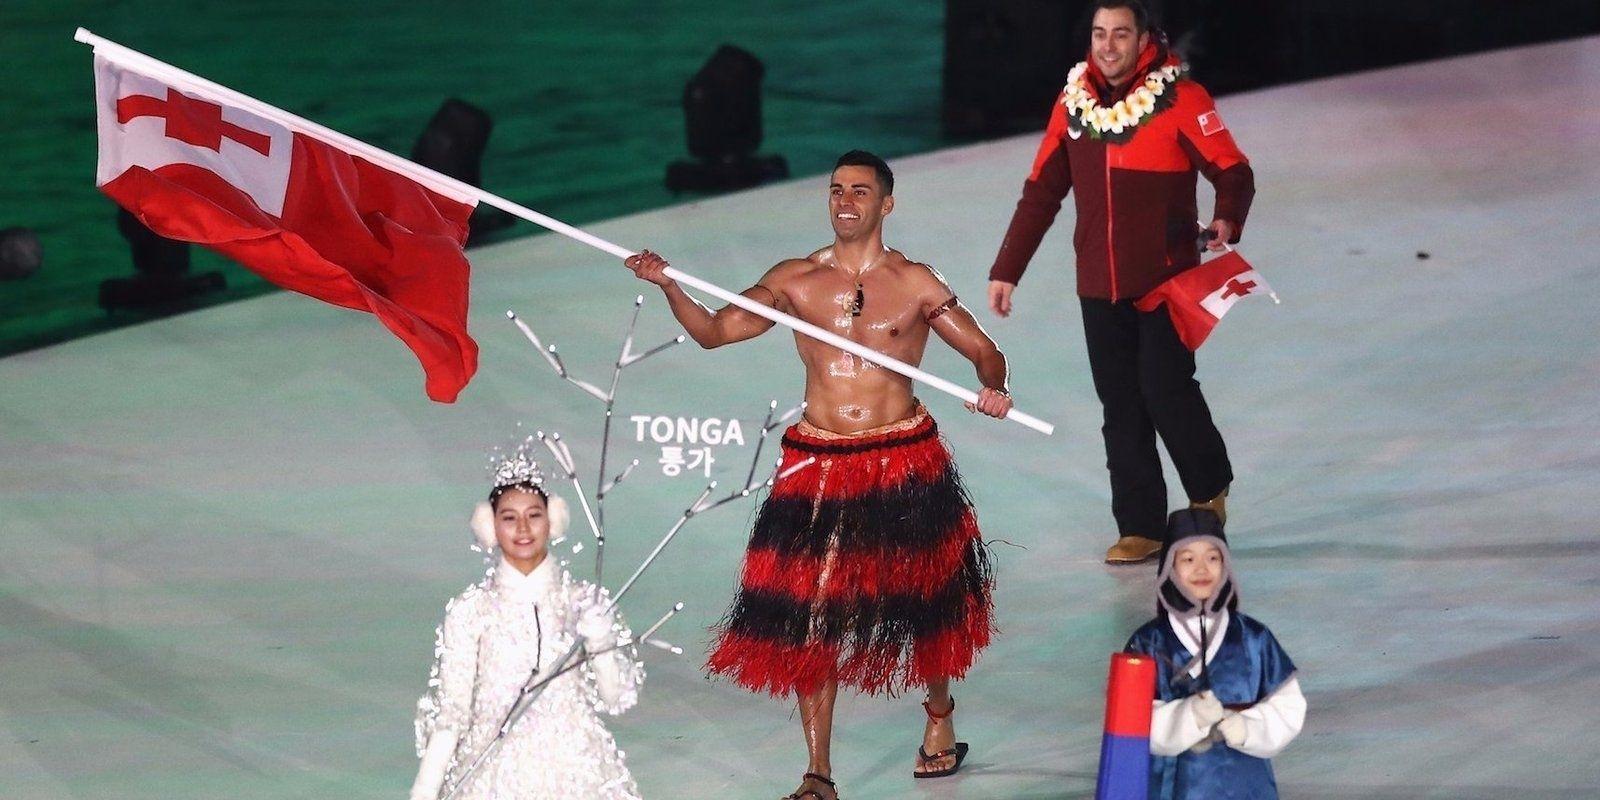 """Тонга улсын """"цээж нүцгэн"""" ганц тамирчин гурав дахь олимпийн наадамдаа өрсөлдөнө"""